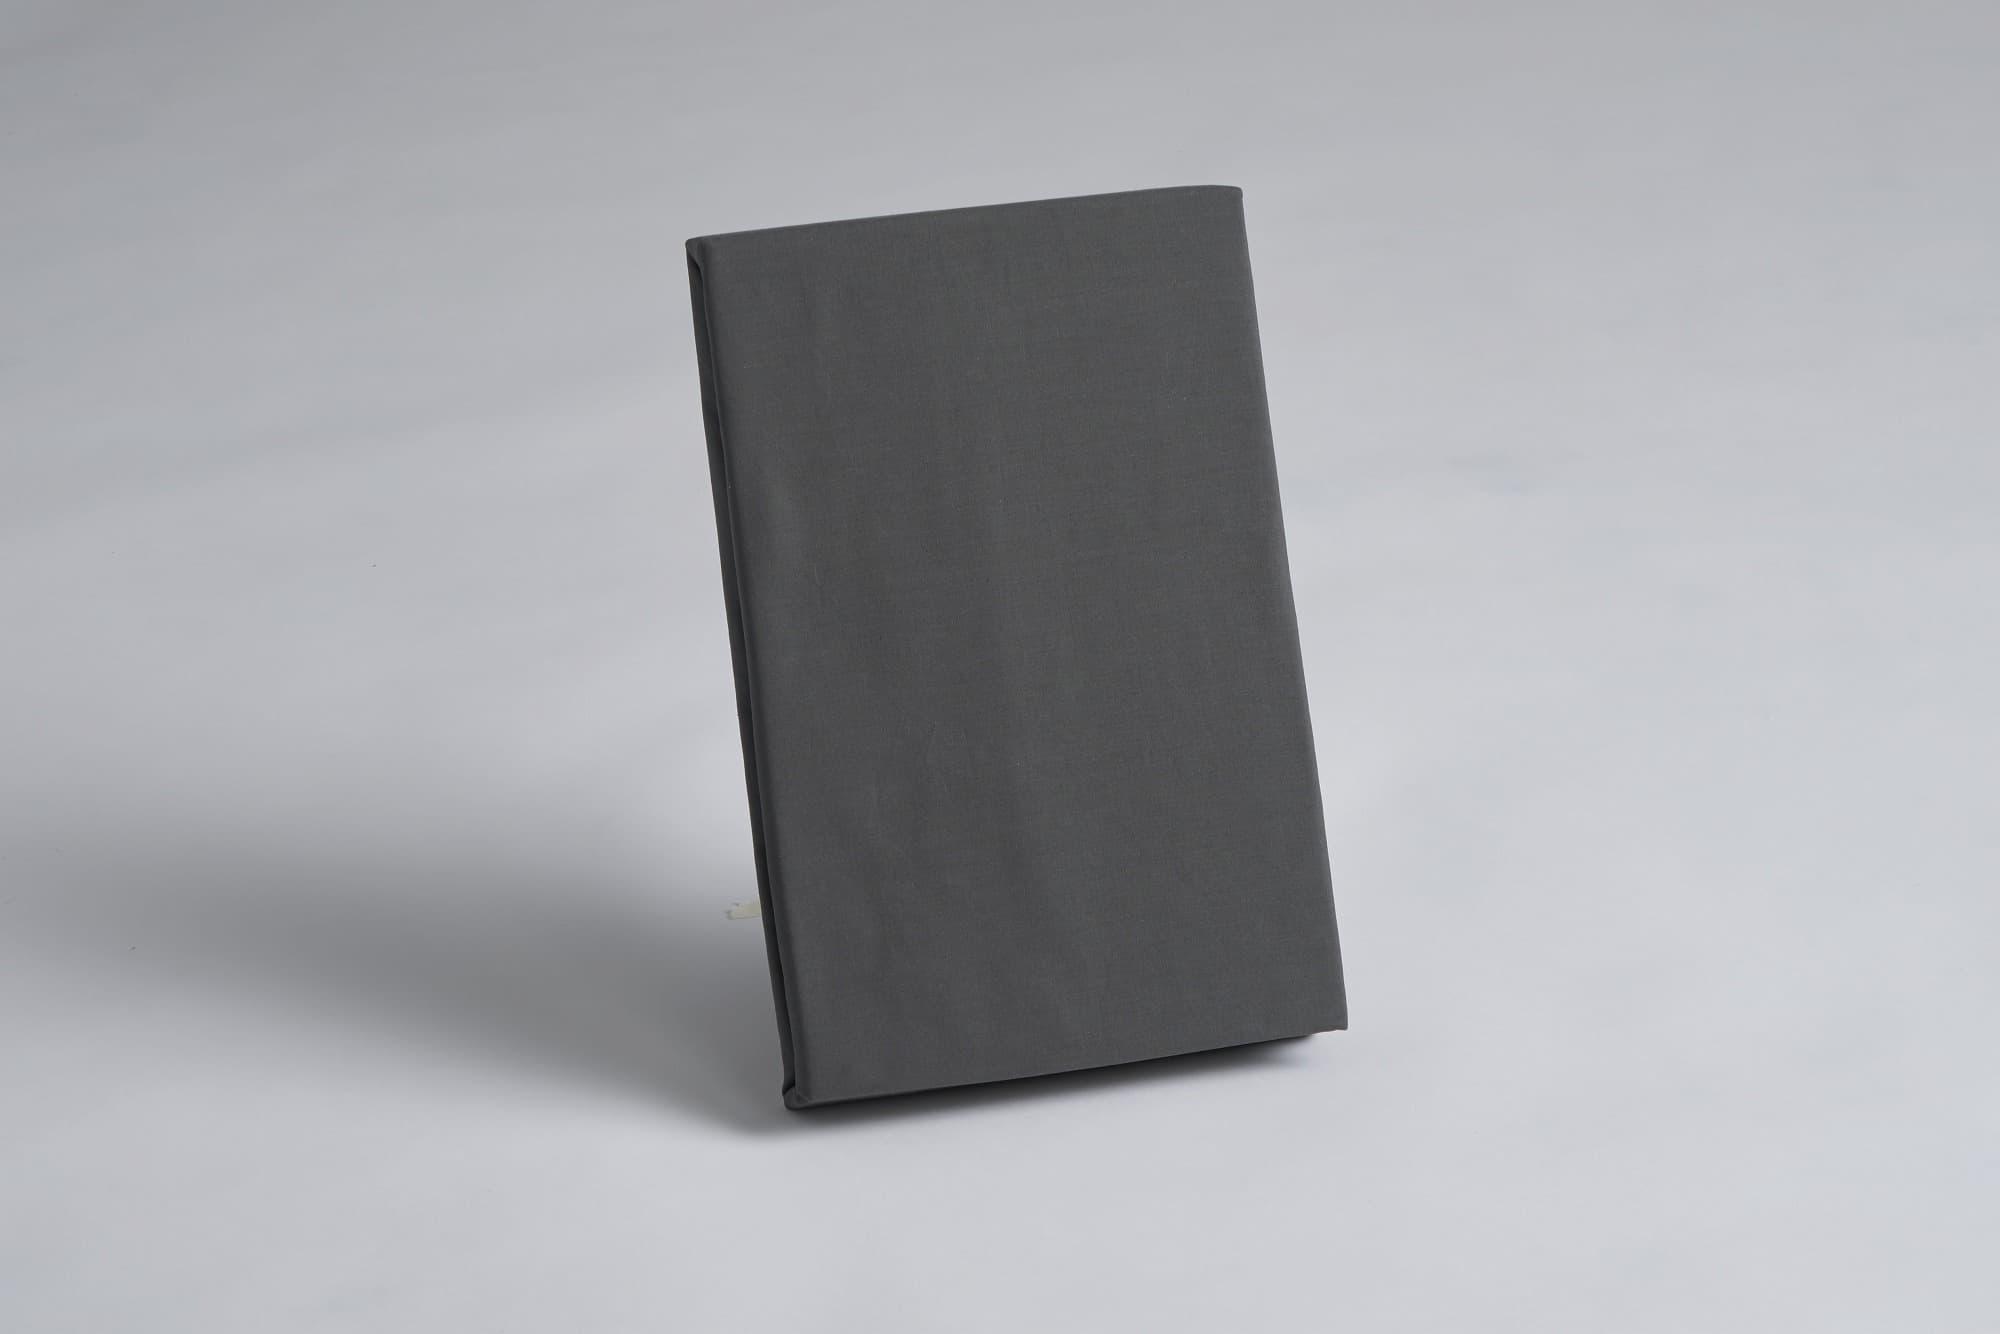 ボックスシーツ クイーン1用 30H グレー:《綿100%を使用したボックスシーツ》